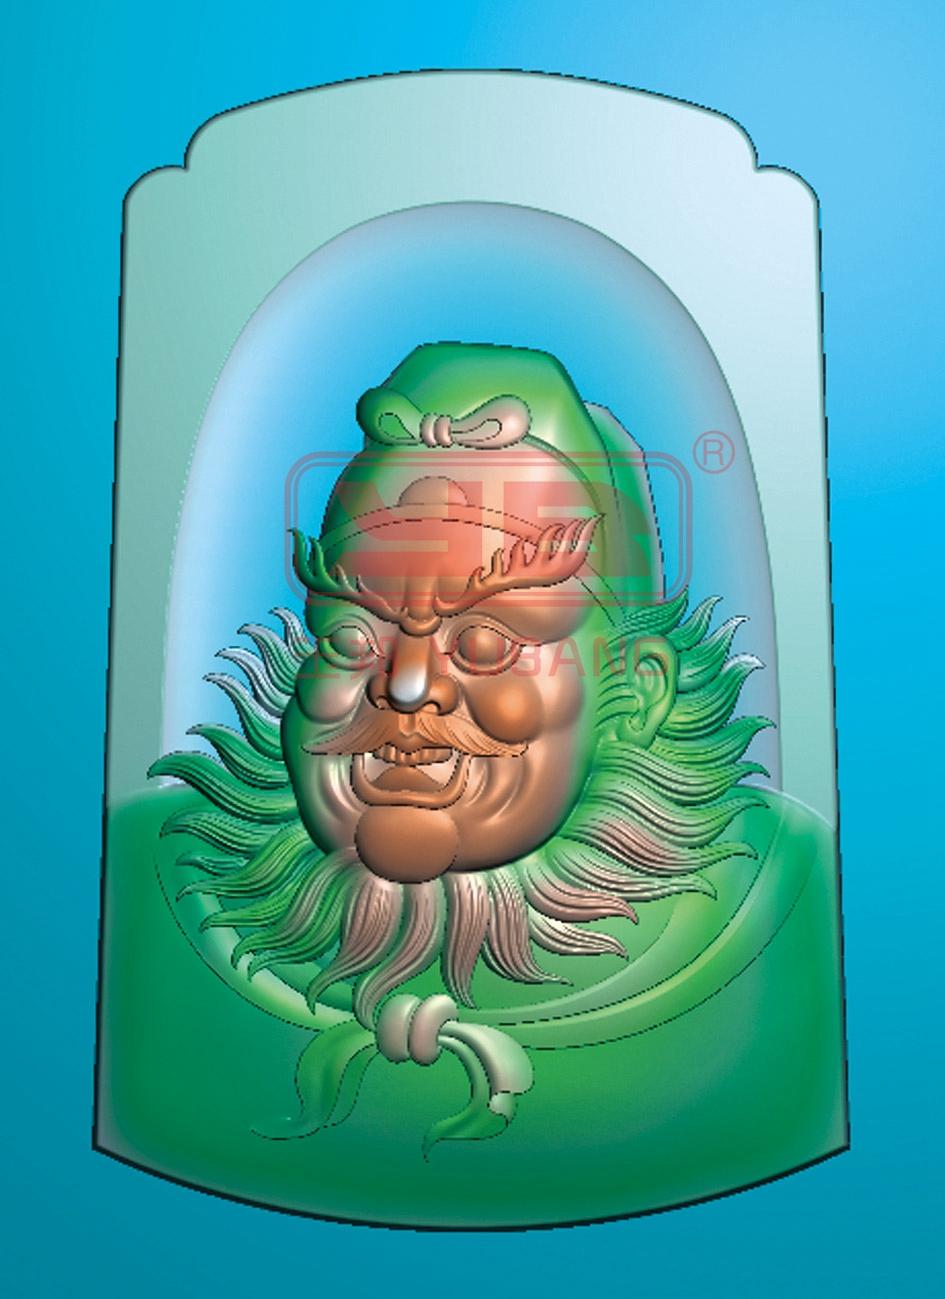 玉雕图纸分类 人物精雕图-系列 刘关张-系列精雕图            名称